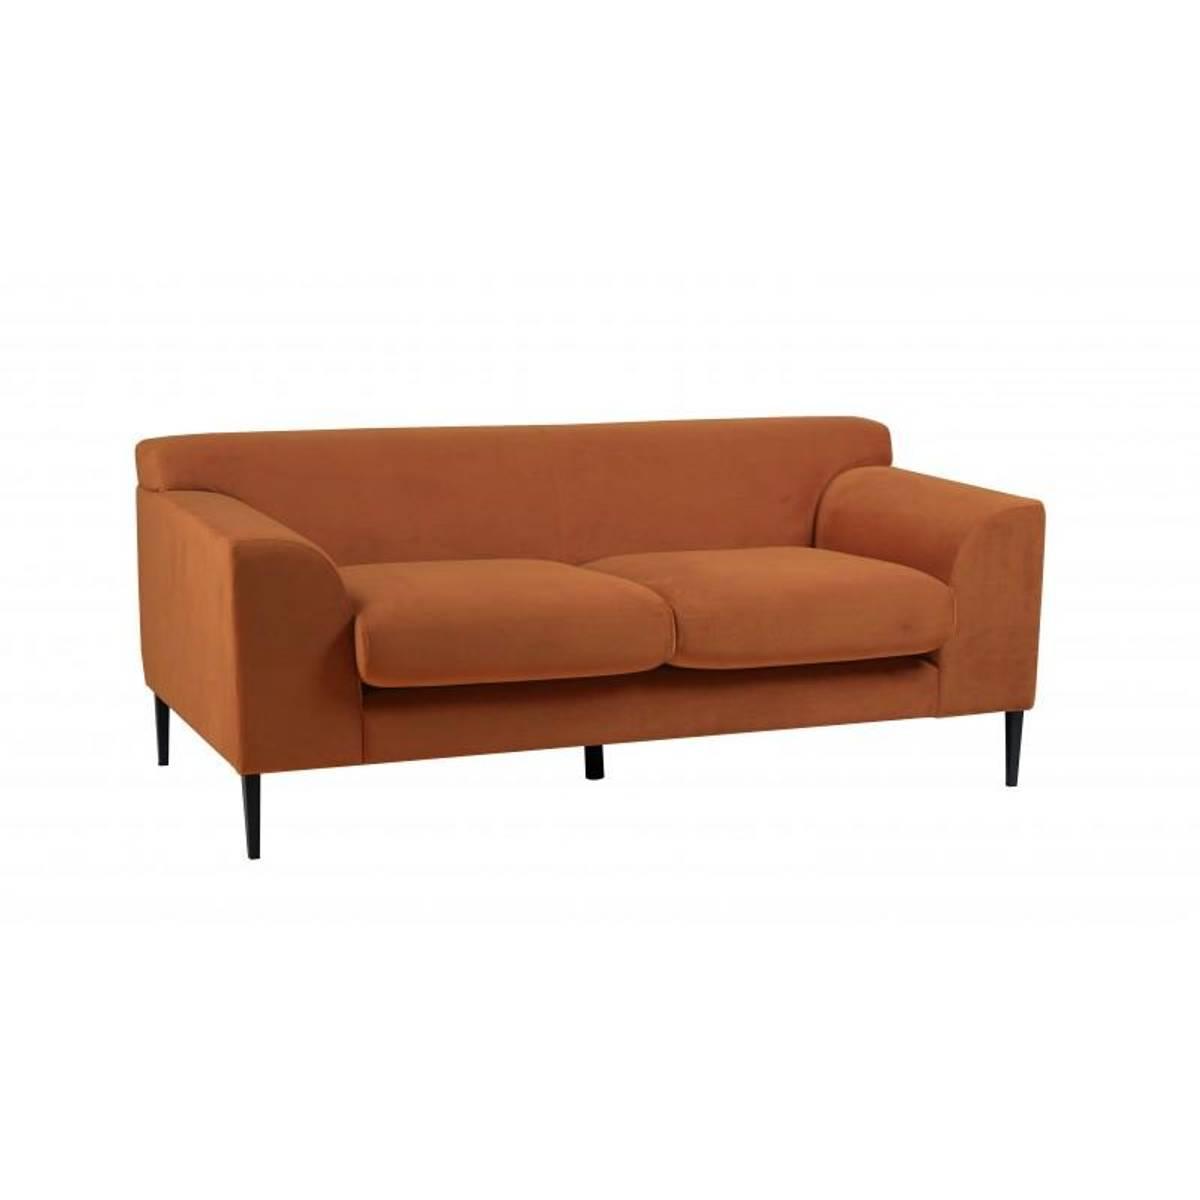 Remini 2-seter sofa